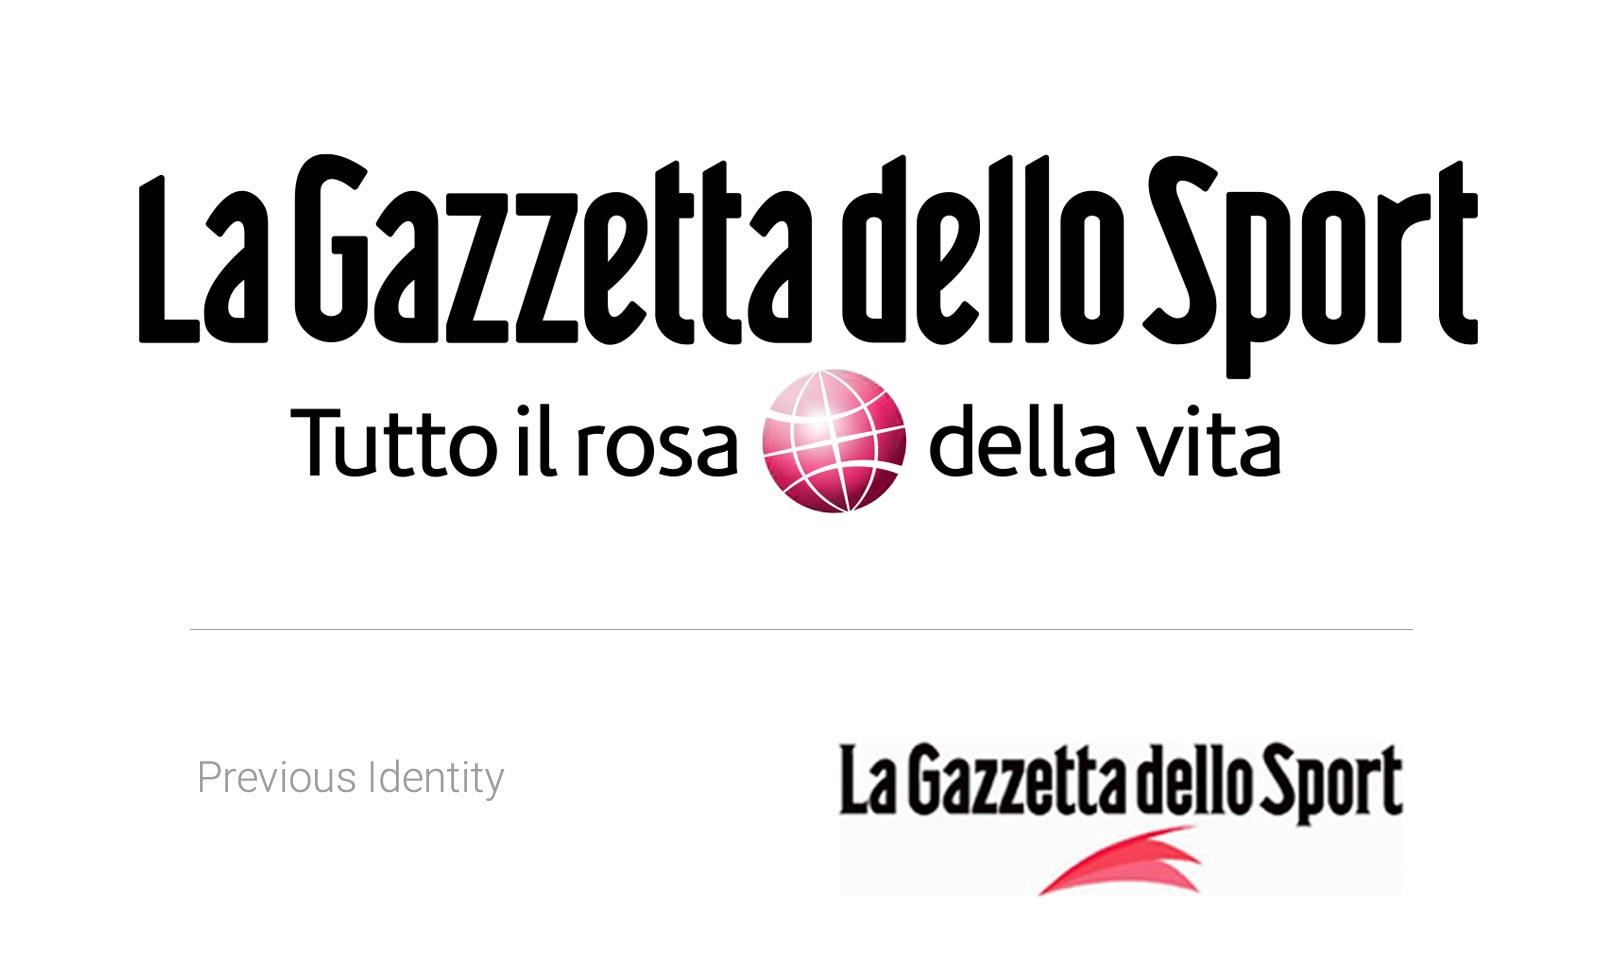 gazzetta dello sport redesign identity before after